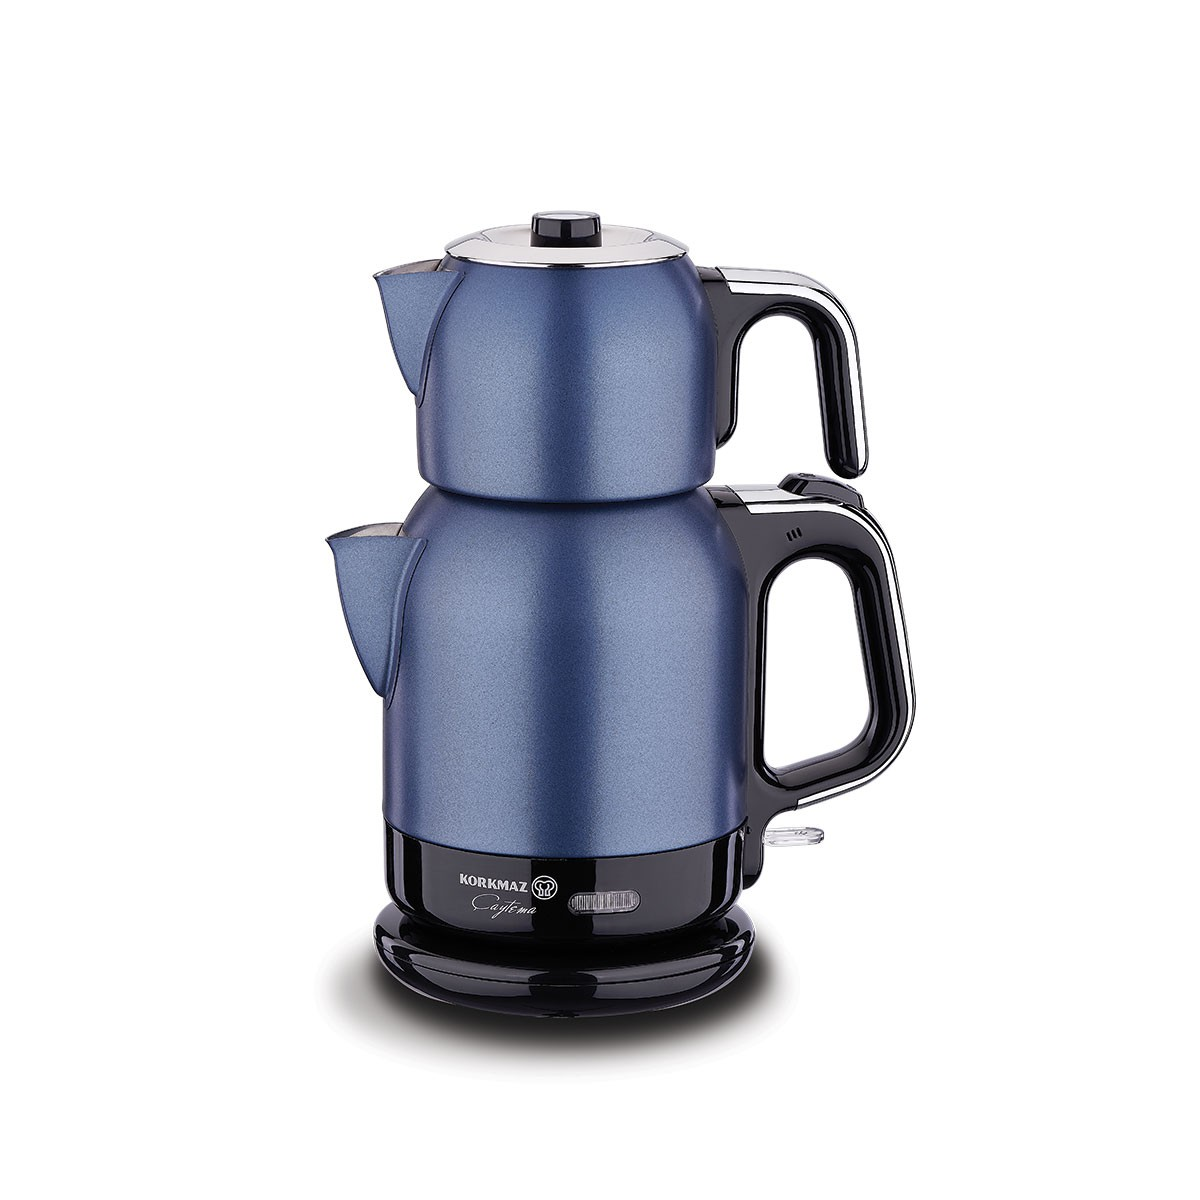 چای ساز کرکماز مدل Caytema A331 - Korkmaz Caytema A 331 Tea Maker